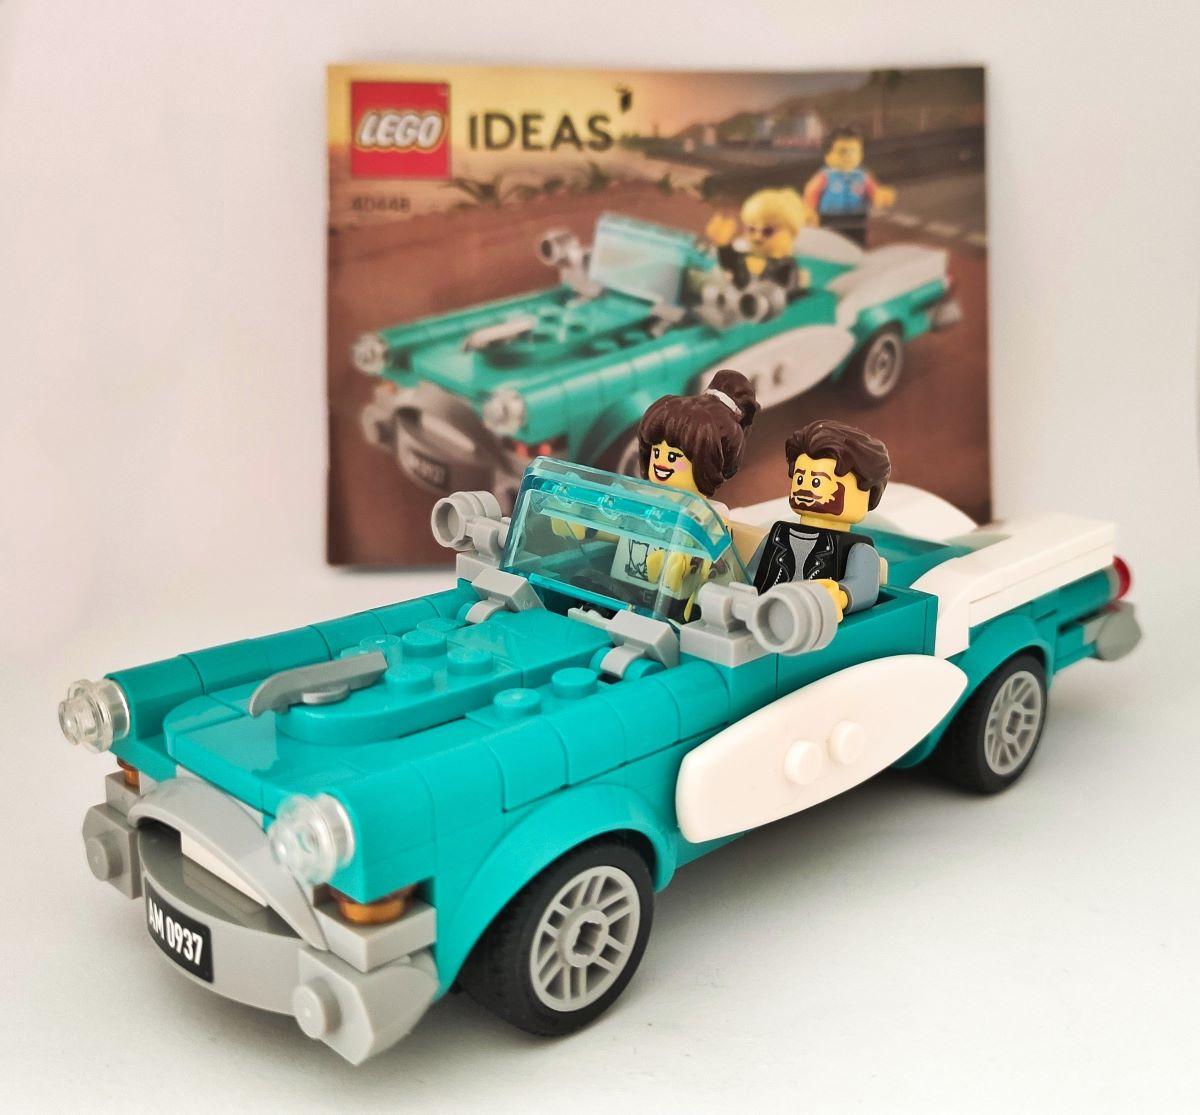 LEGO Vintage Car (40448) Seti ve Beraberinde Getirdikleri